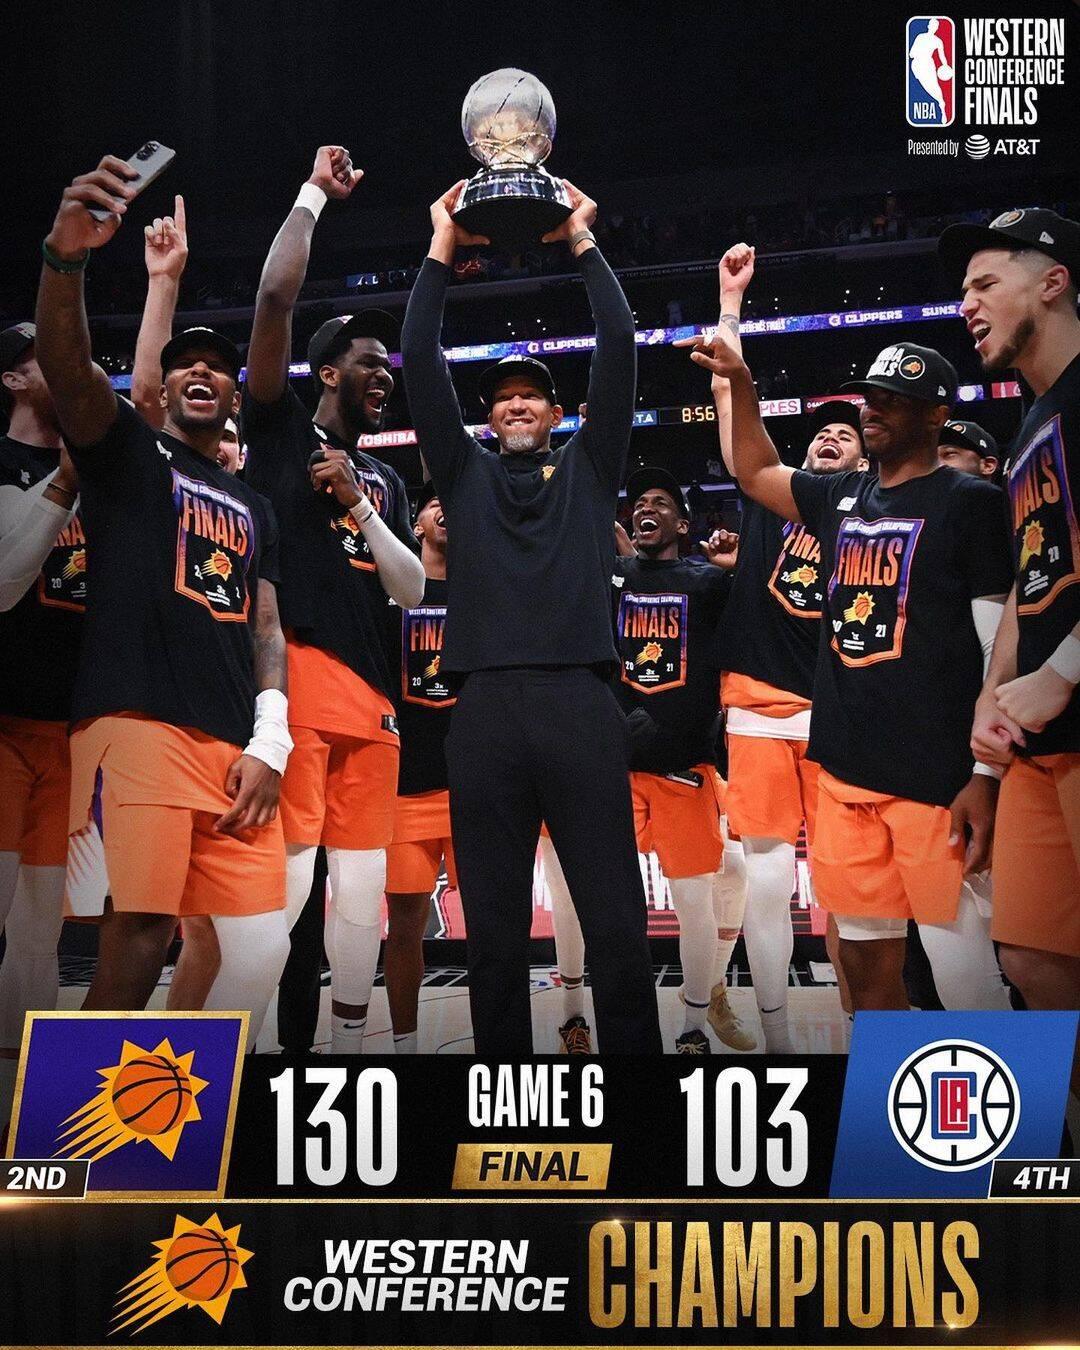 Foto: Reprodução / Instagram NBA